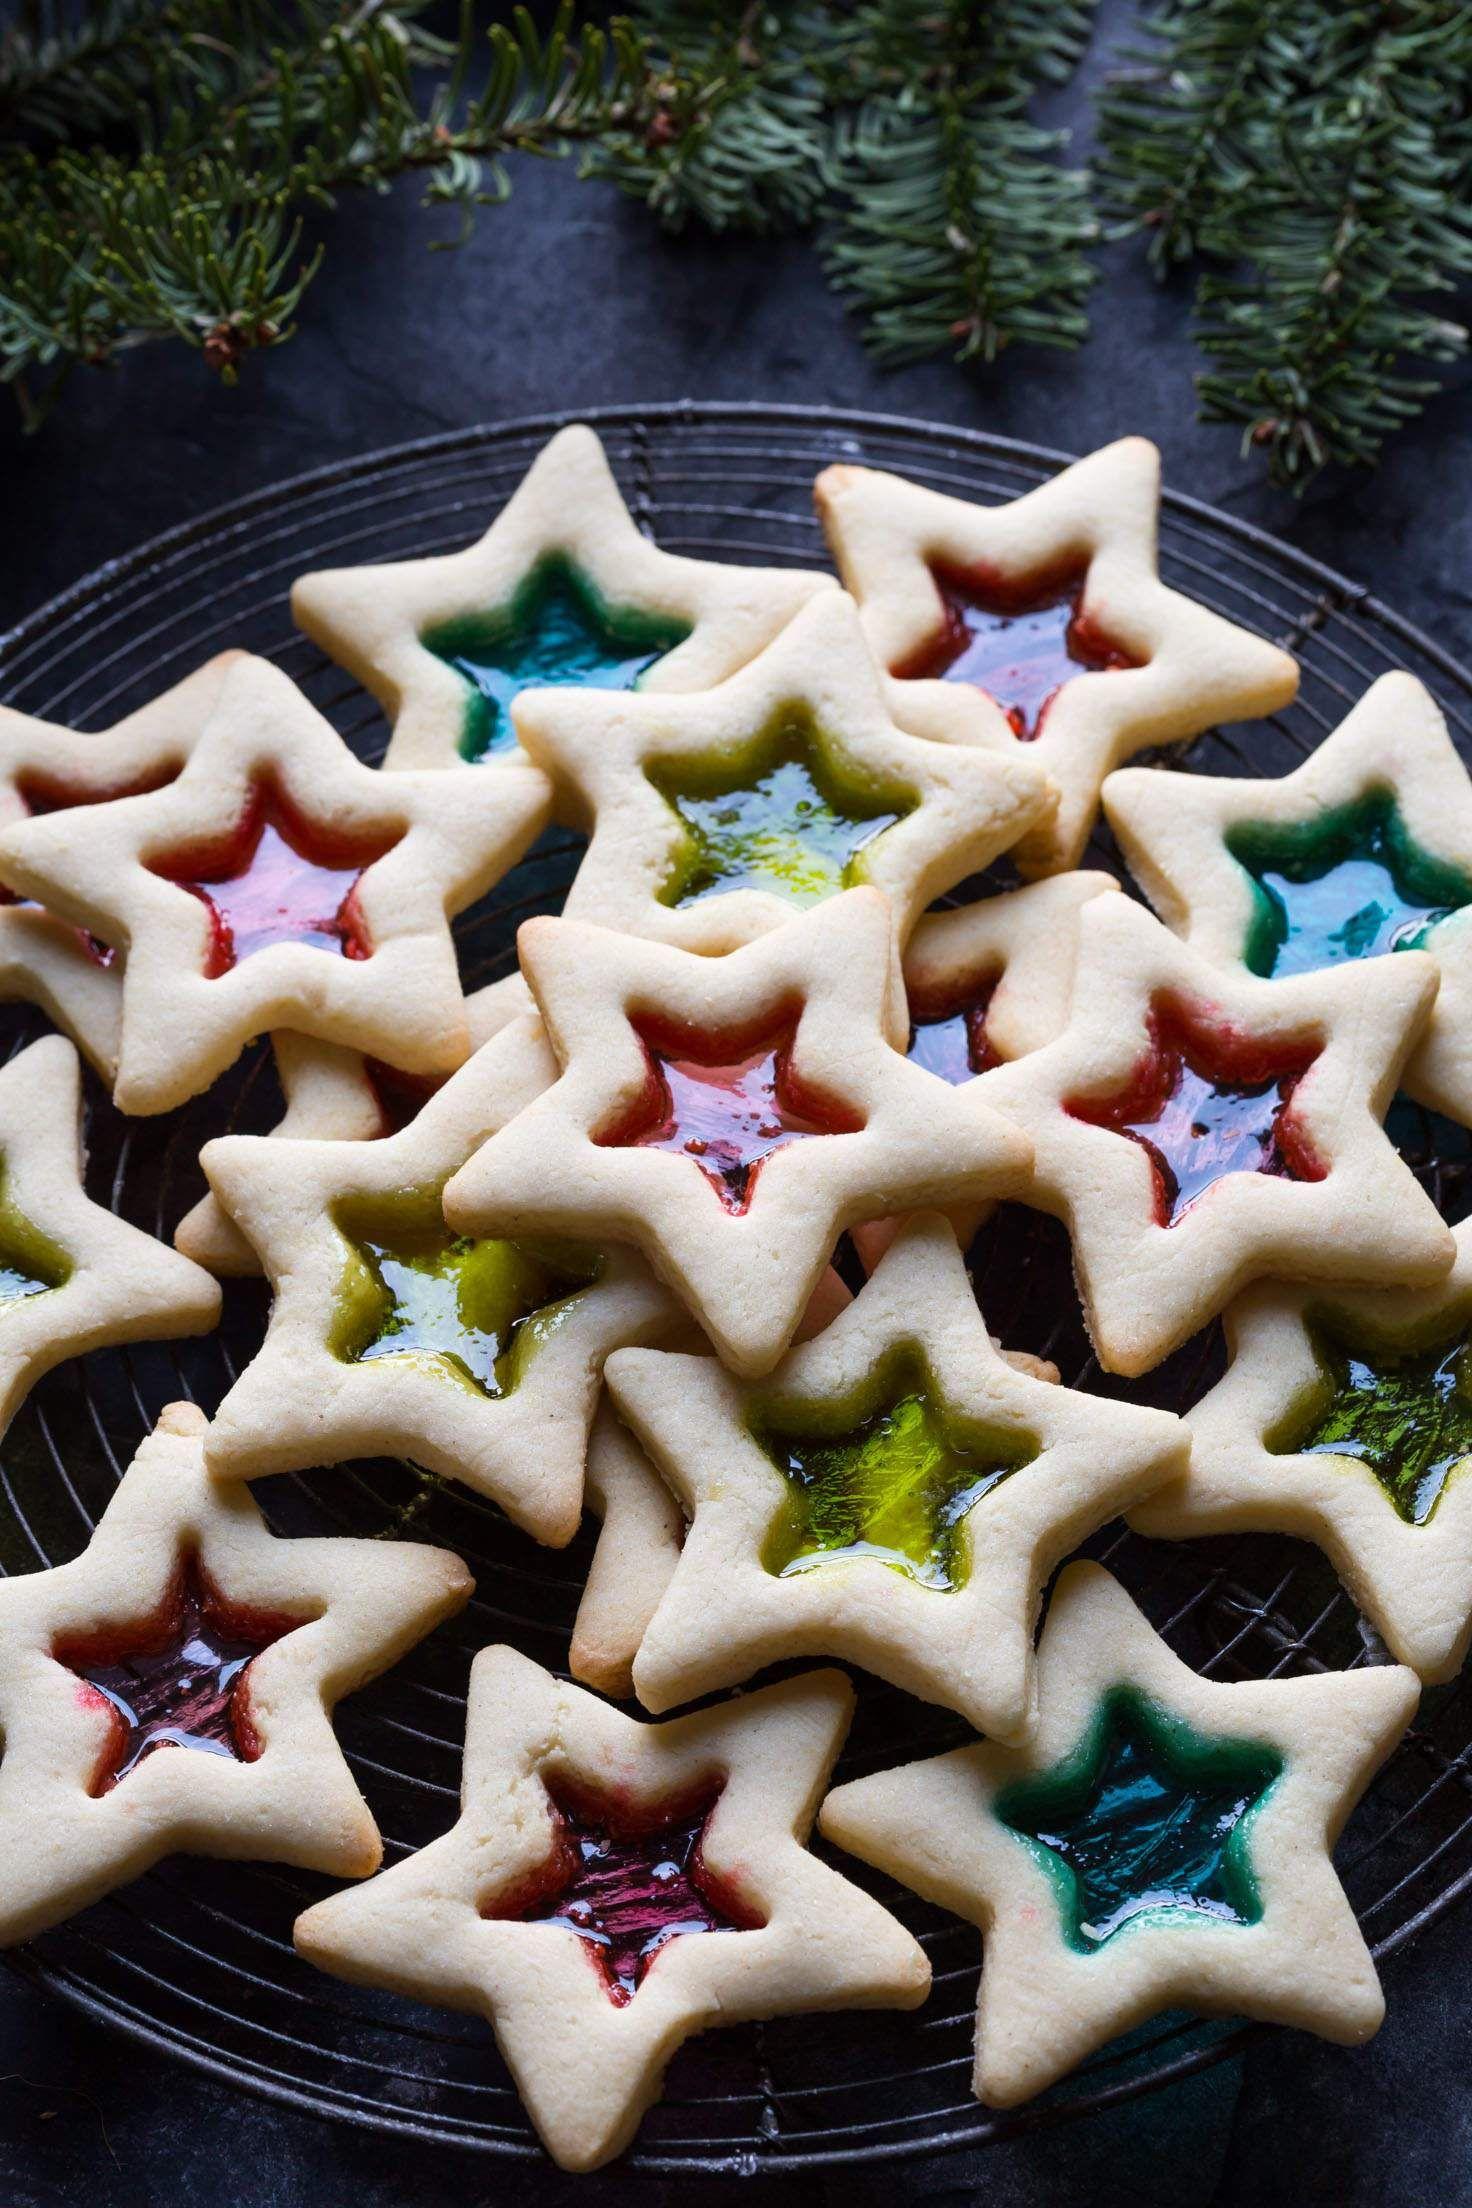 25 Days Of Christmas Cookie Exchange Xmas Cookies Galletas De